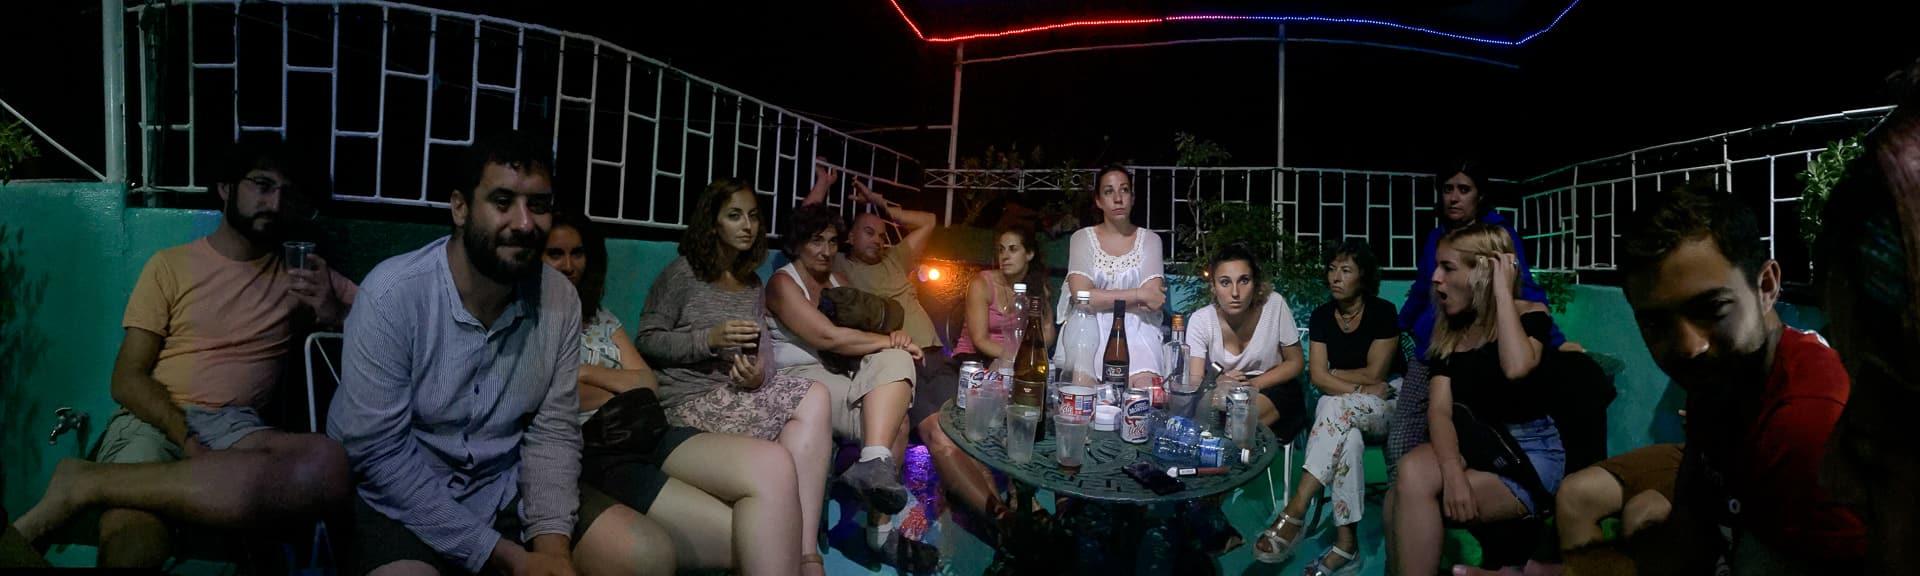 Cuba Santa Clara Che Guevara 010153